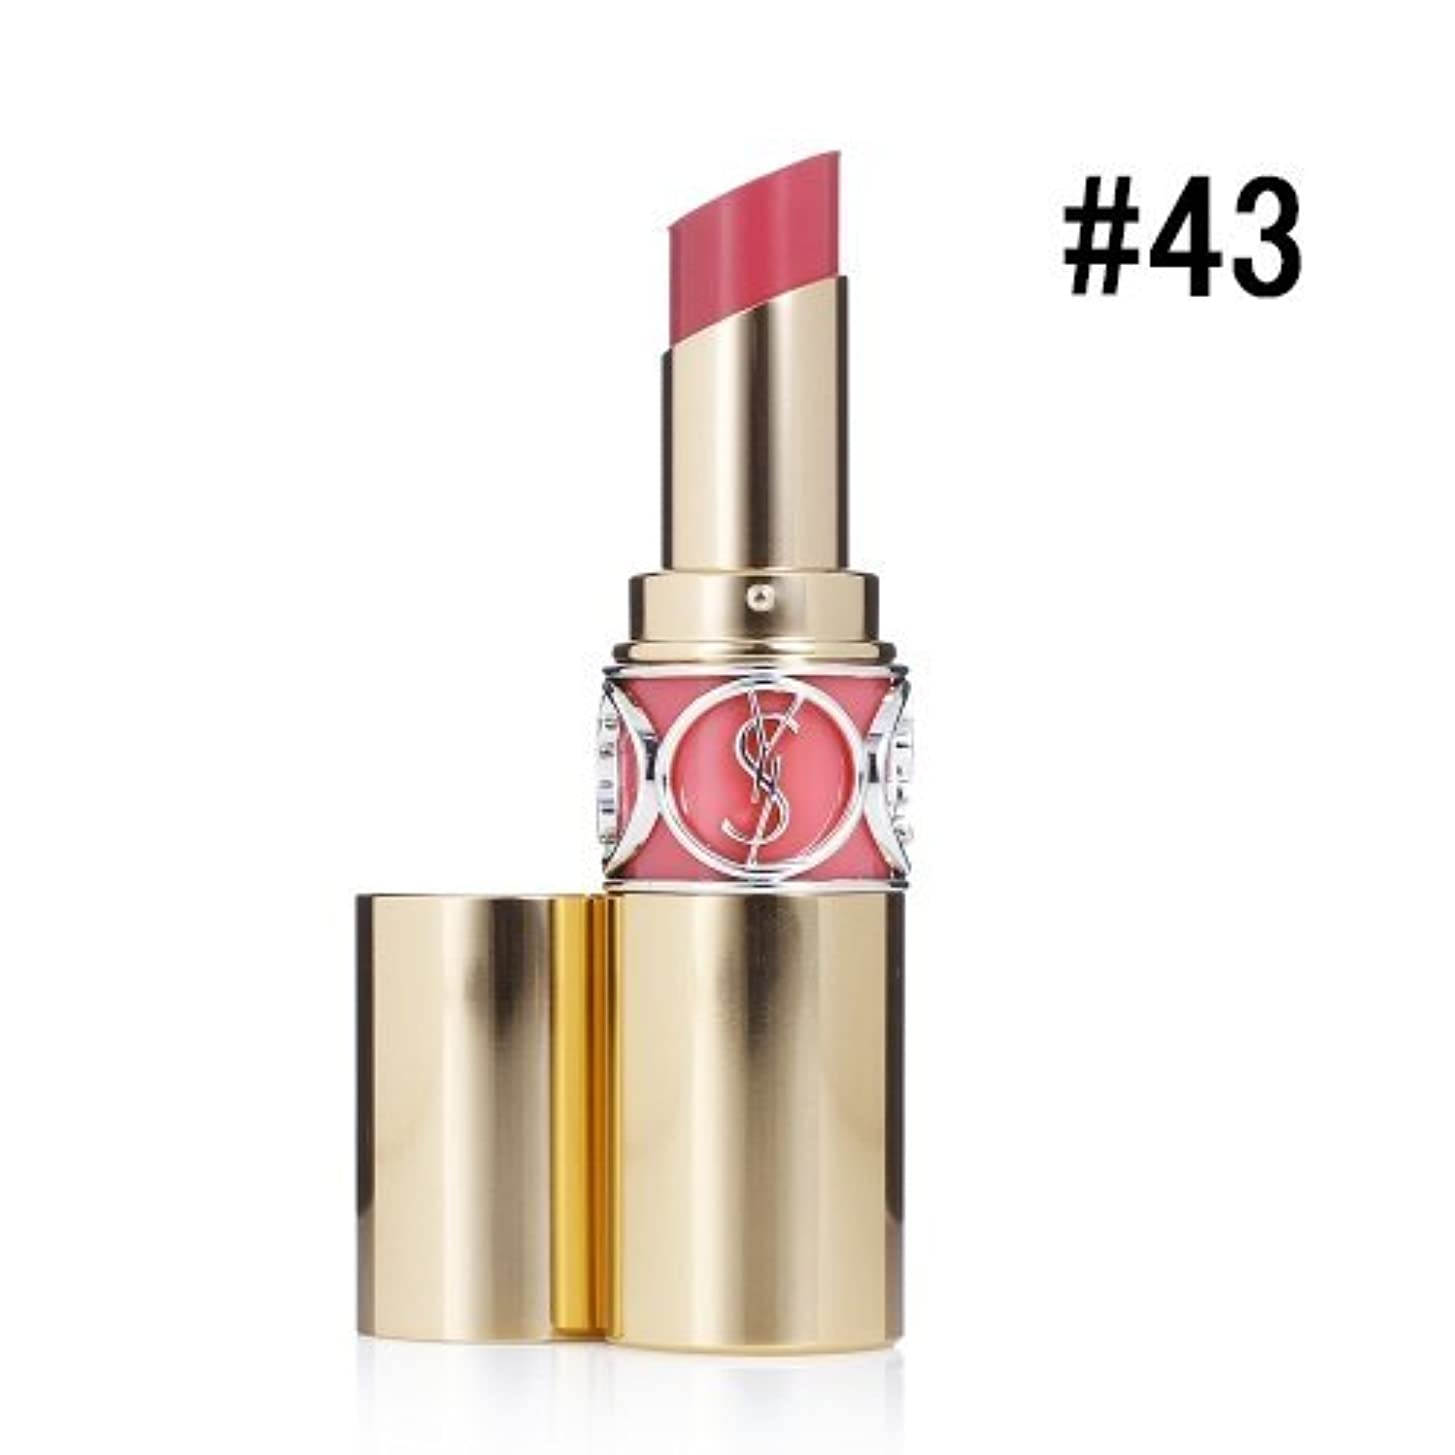 祝福溶接ポルノイヴサンローラン(Yves Saint Laurent) ルージュ ヴォリュプテ シャイン #43 ROSE RIVE GAUCHE 4.5g [並行輸入品]